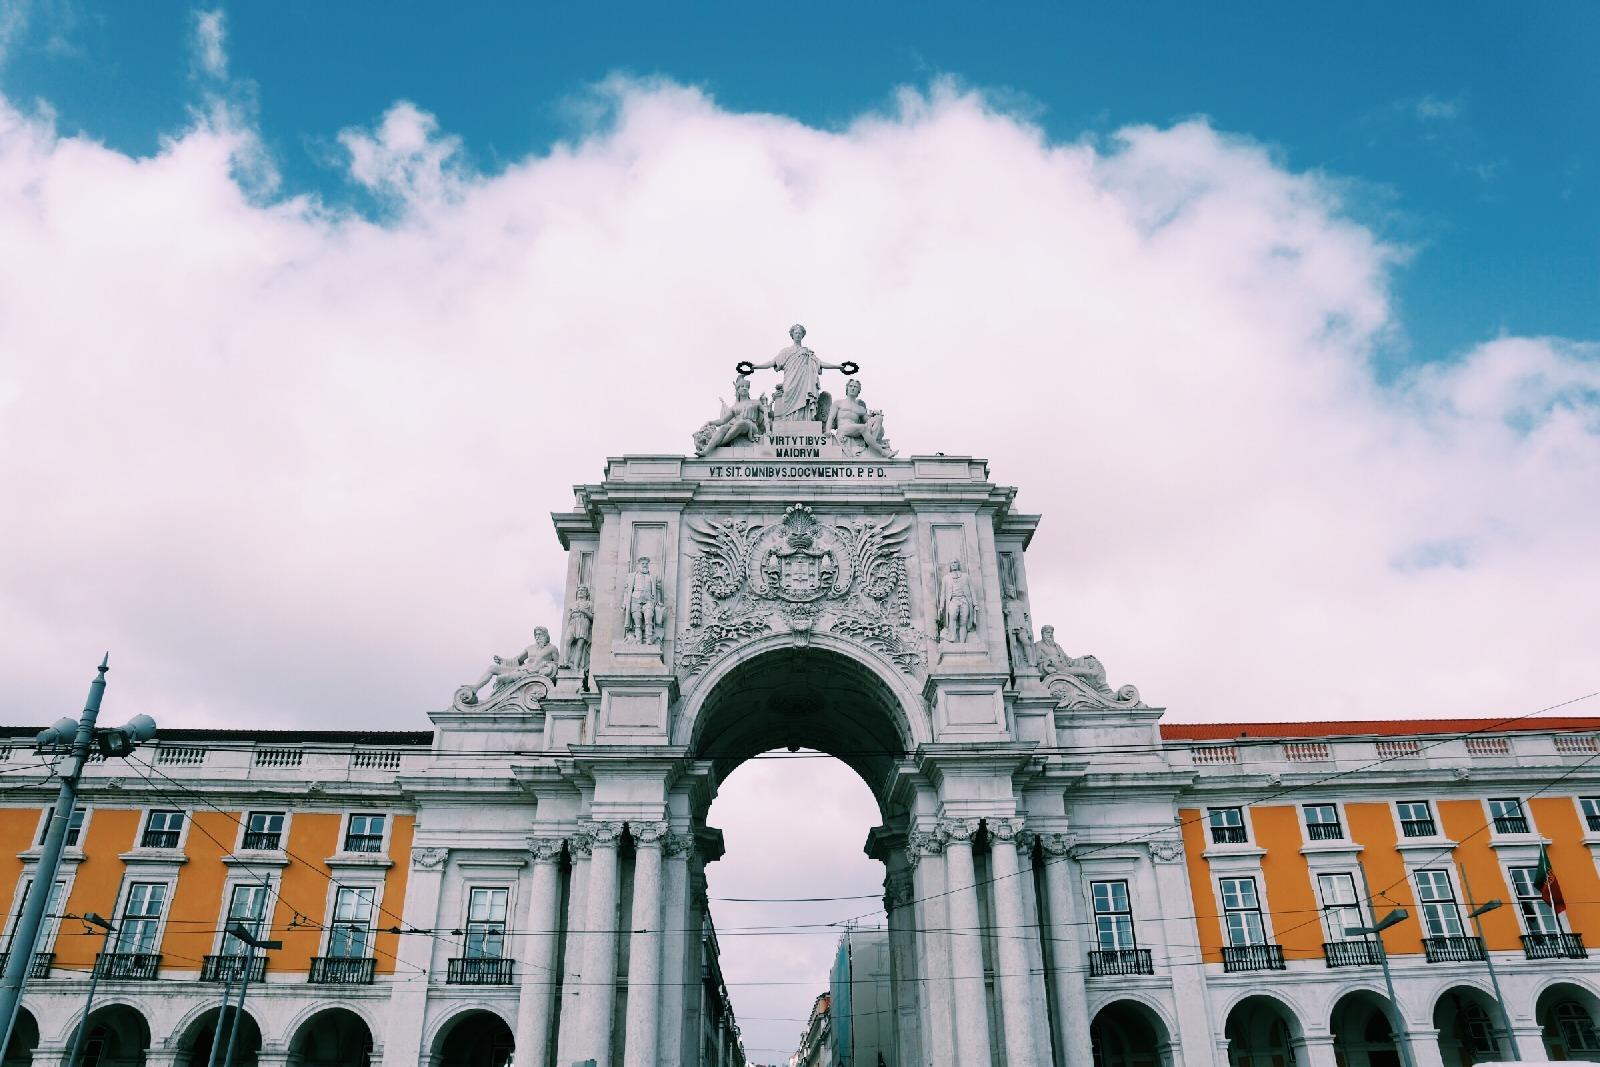 Praca Do Comercio building in Lisbon